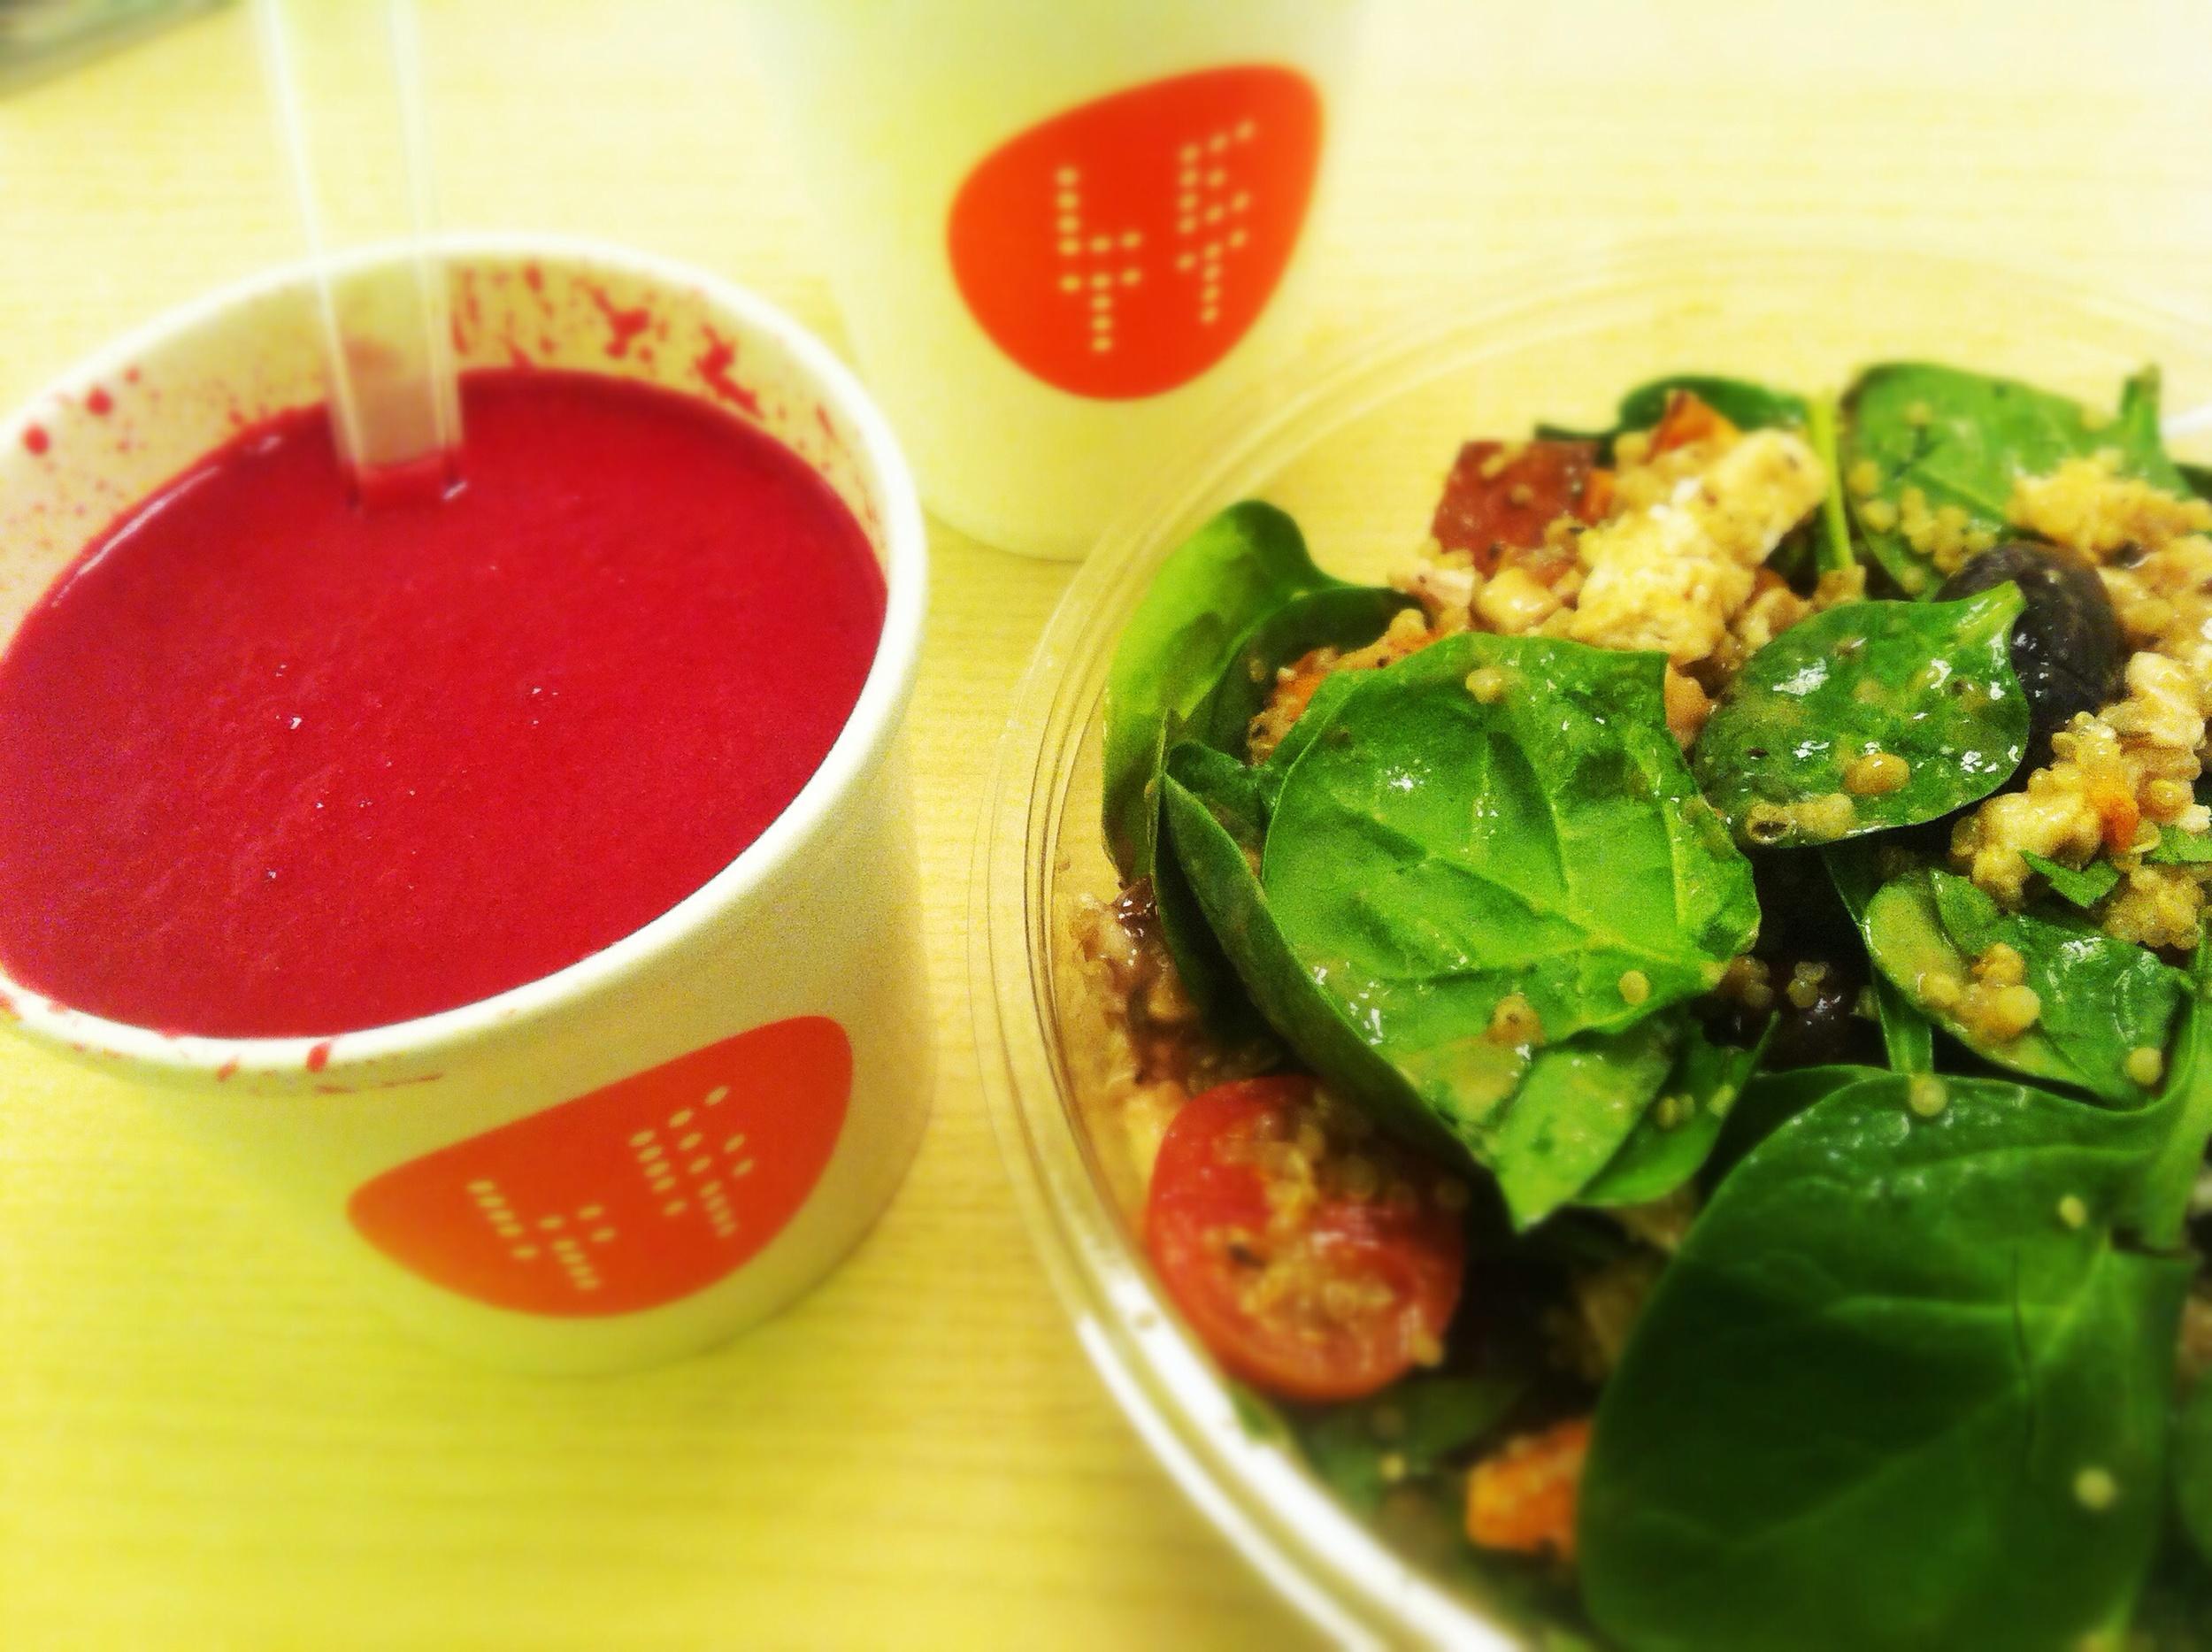 Egenkomponert salat med rødbetsuppe ved siden av. Supergodt!